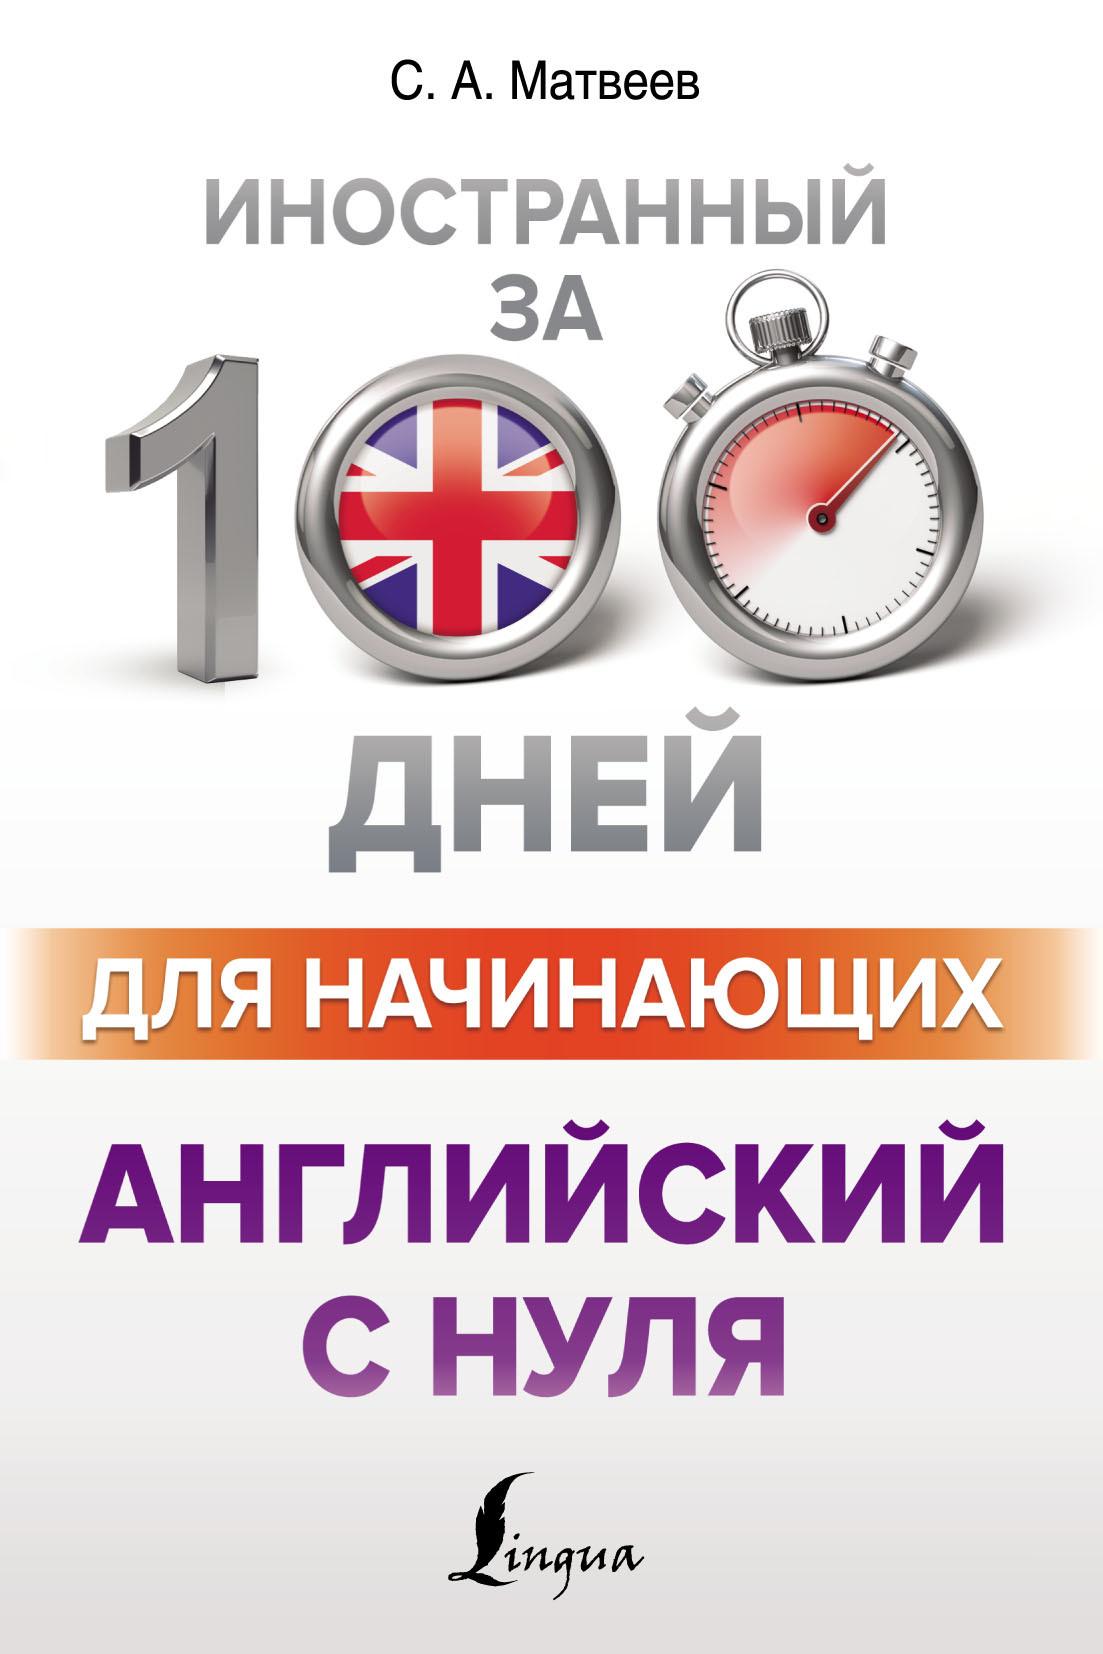 Купить книгу Английский с нуля, автора С. А. Матвеева